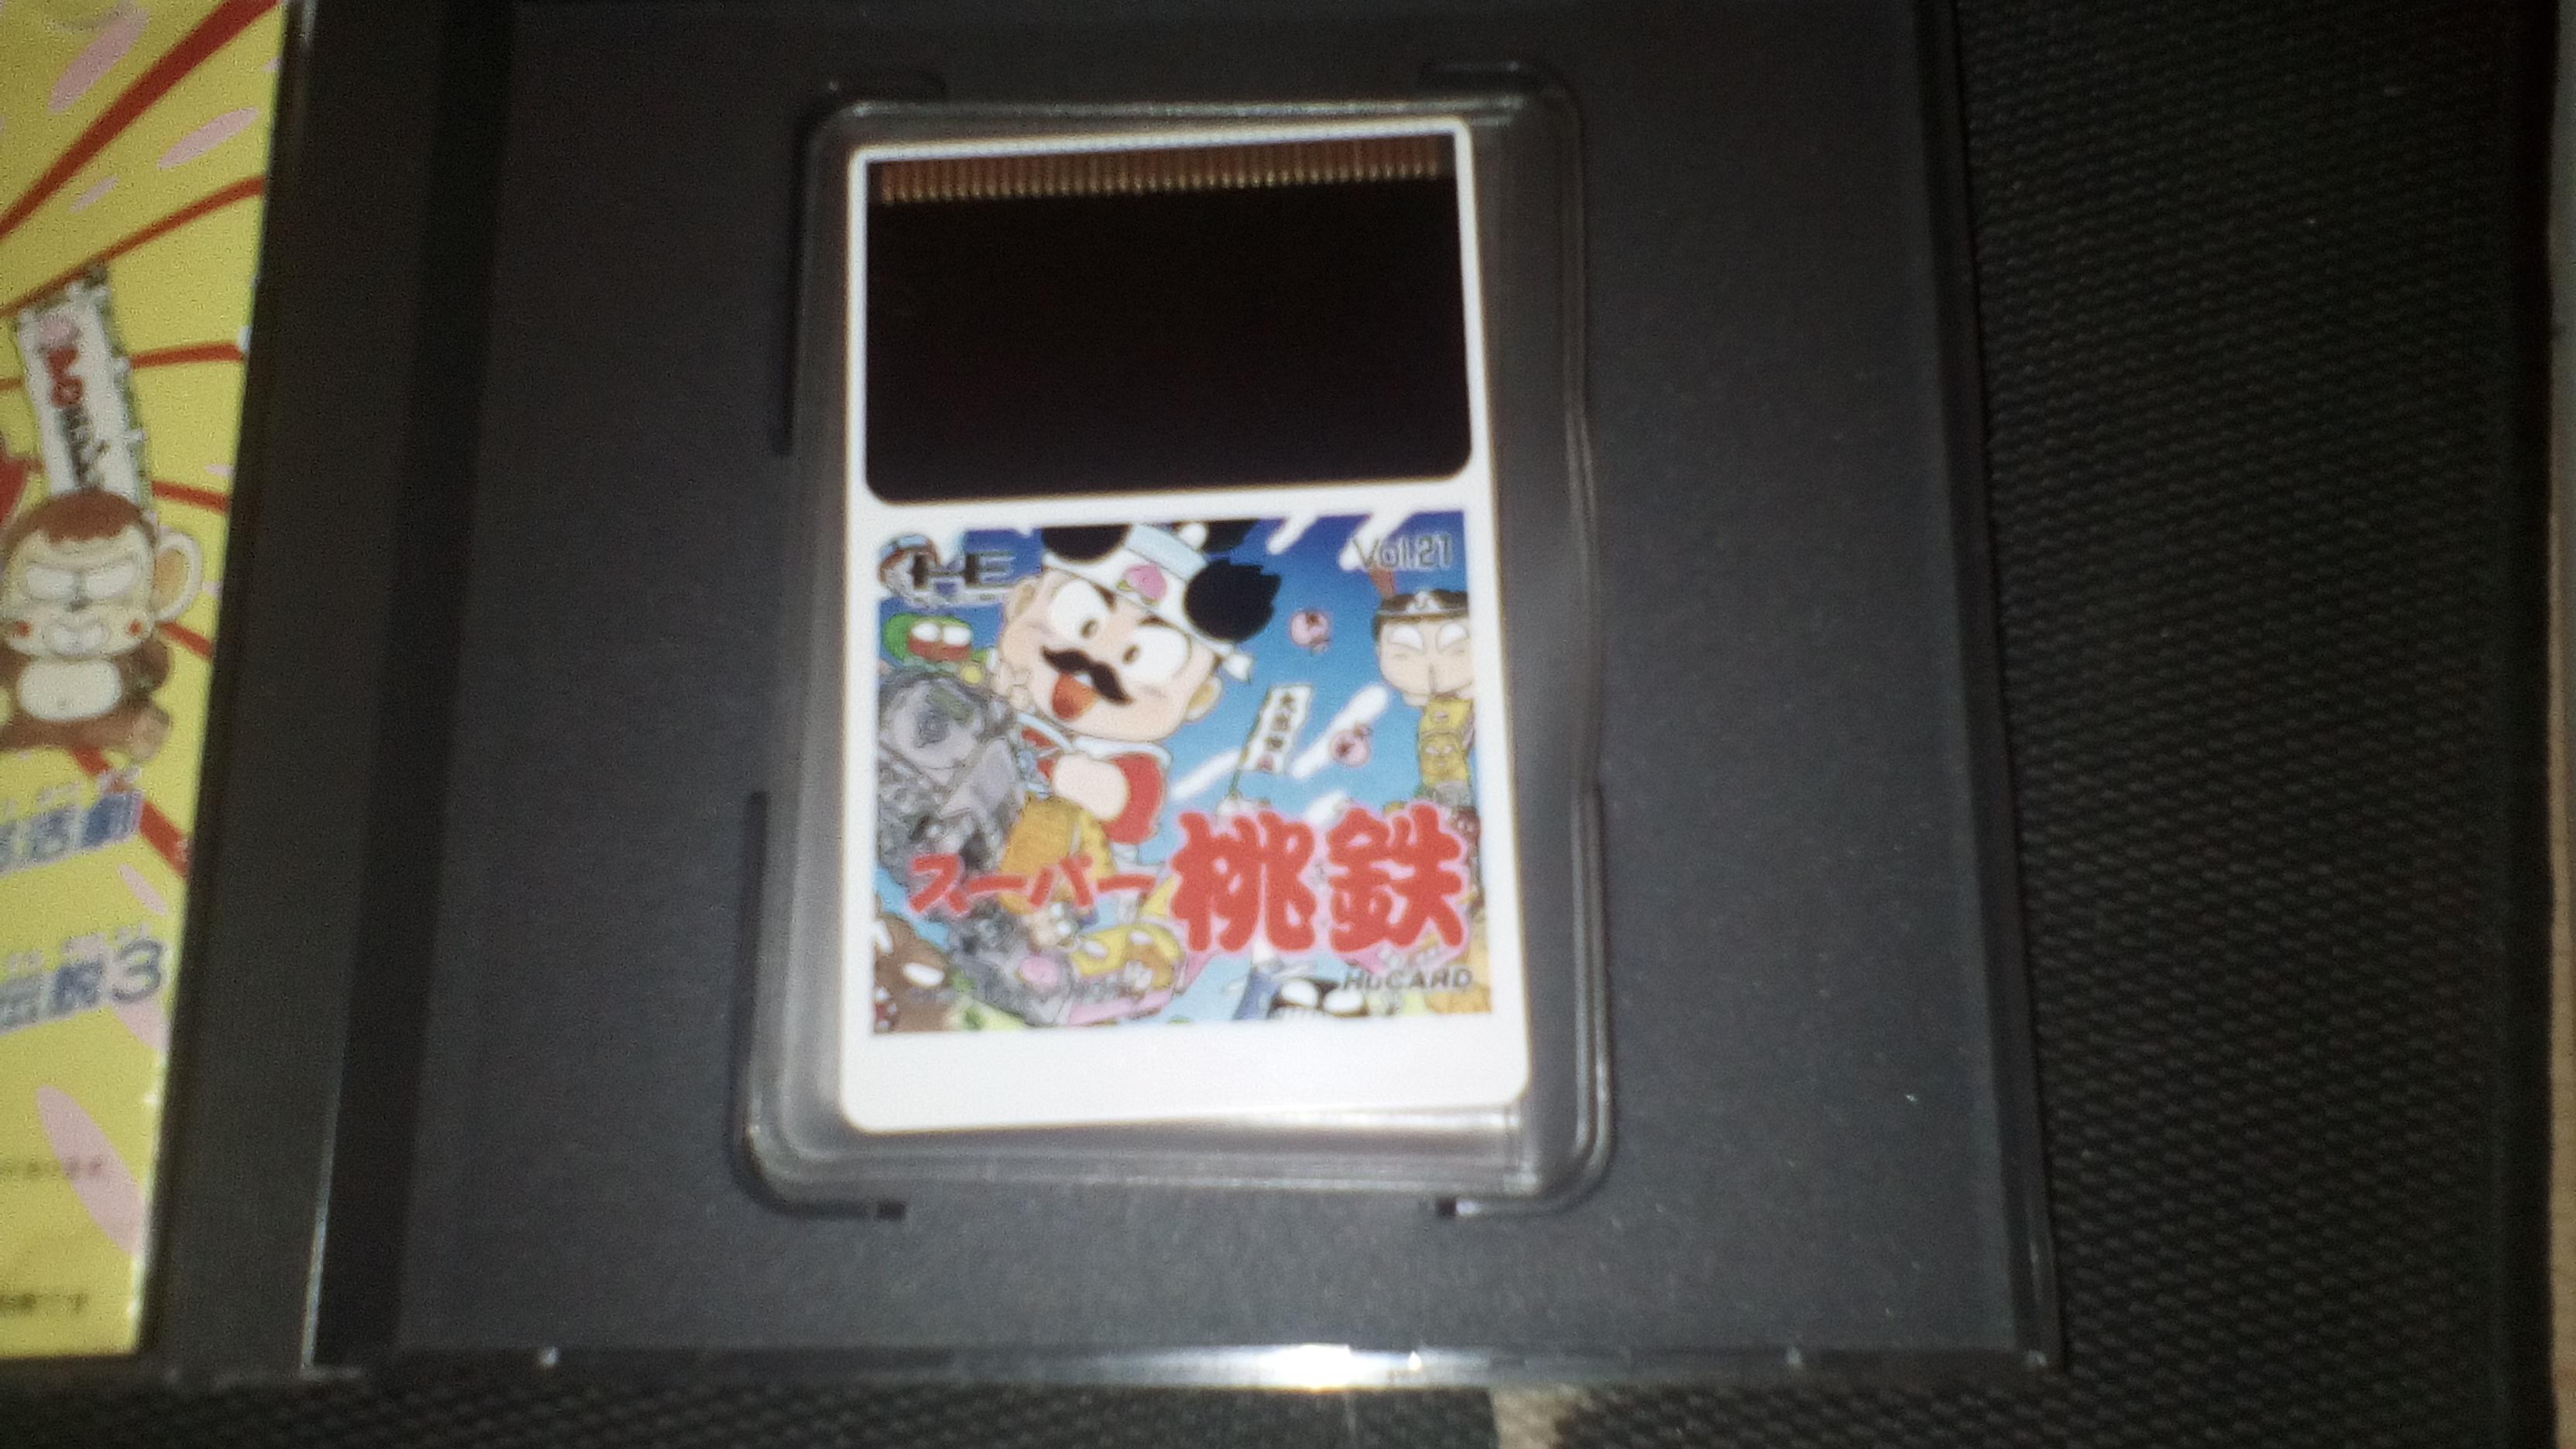 Shop/Ech Gold - Jeux GBA US - Dragon Valor PS1 - JDR Papier - Jeux DS - Zelda 171007025954360377